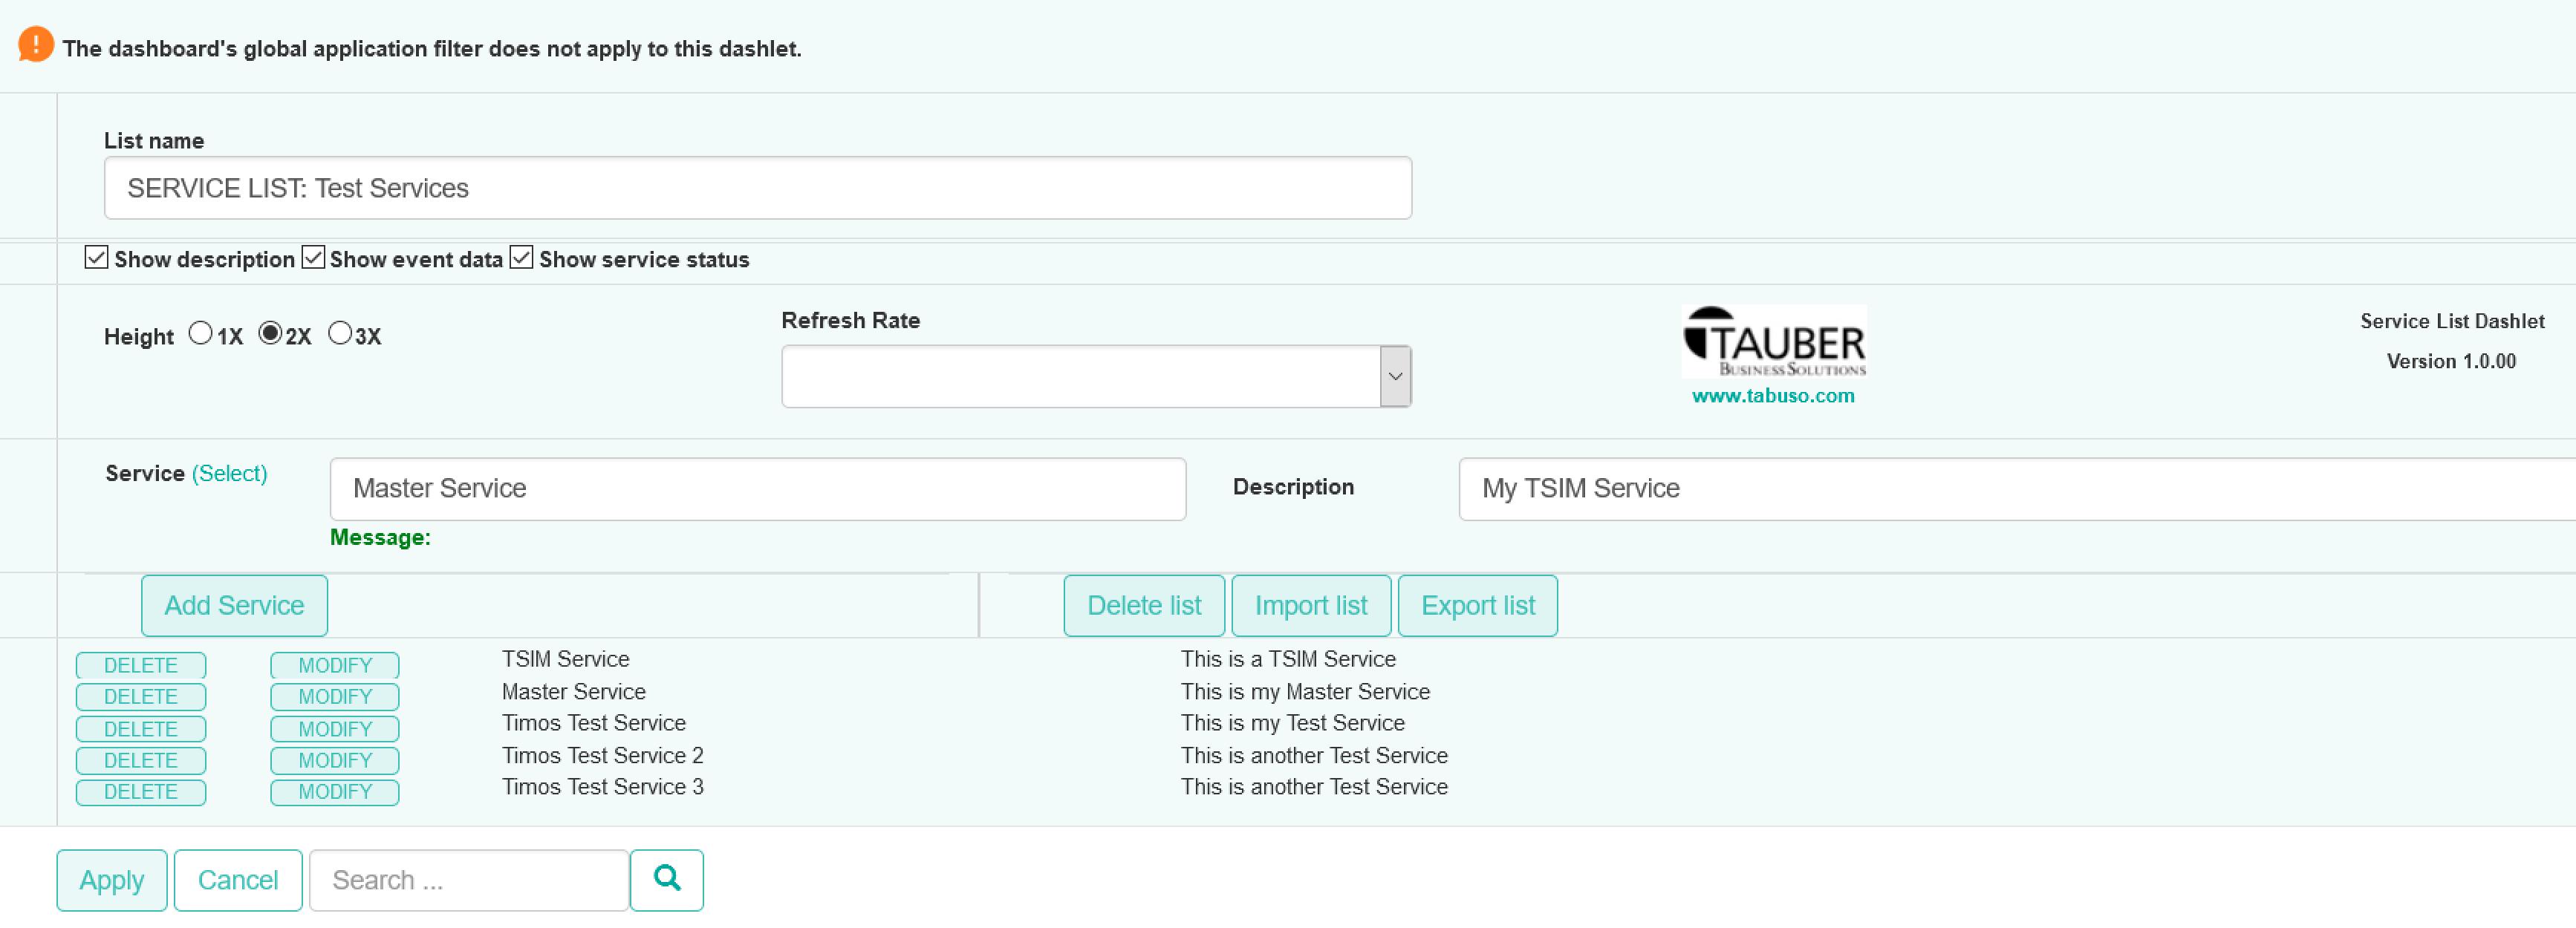 Service List Dashlet Configuration View